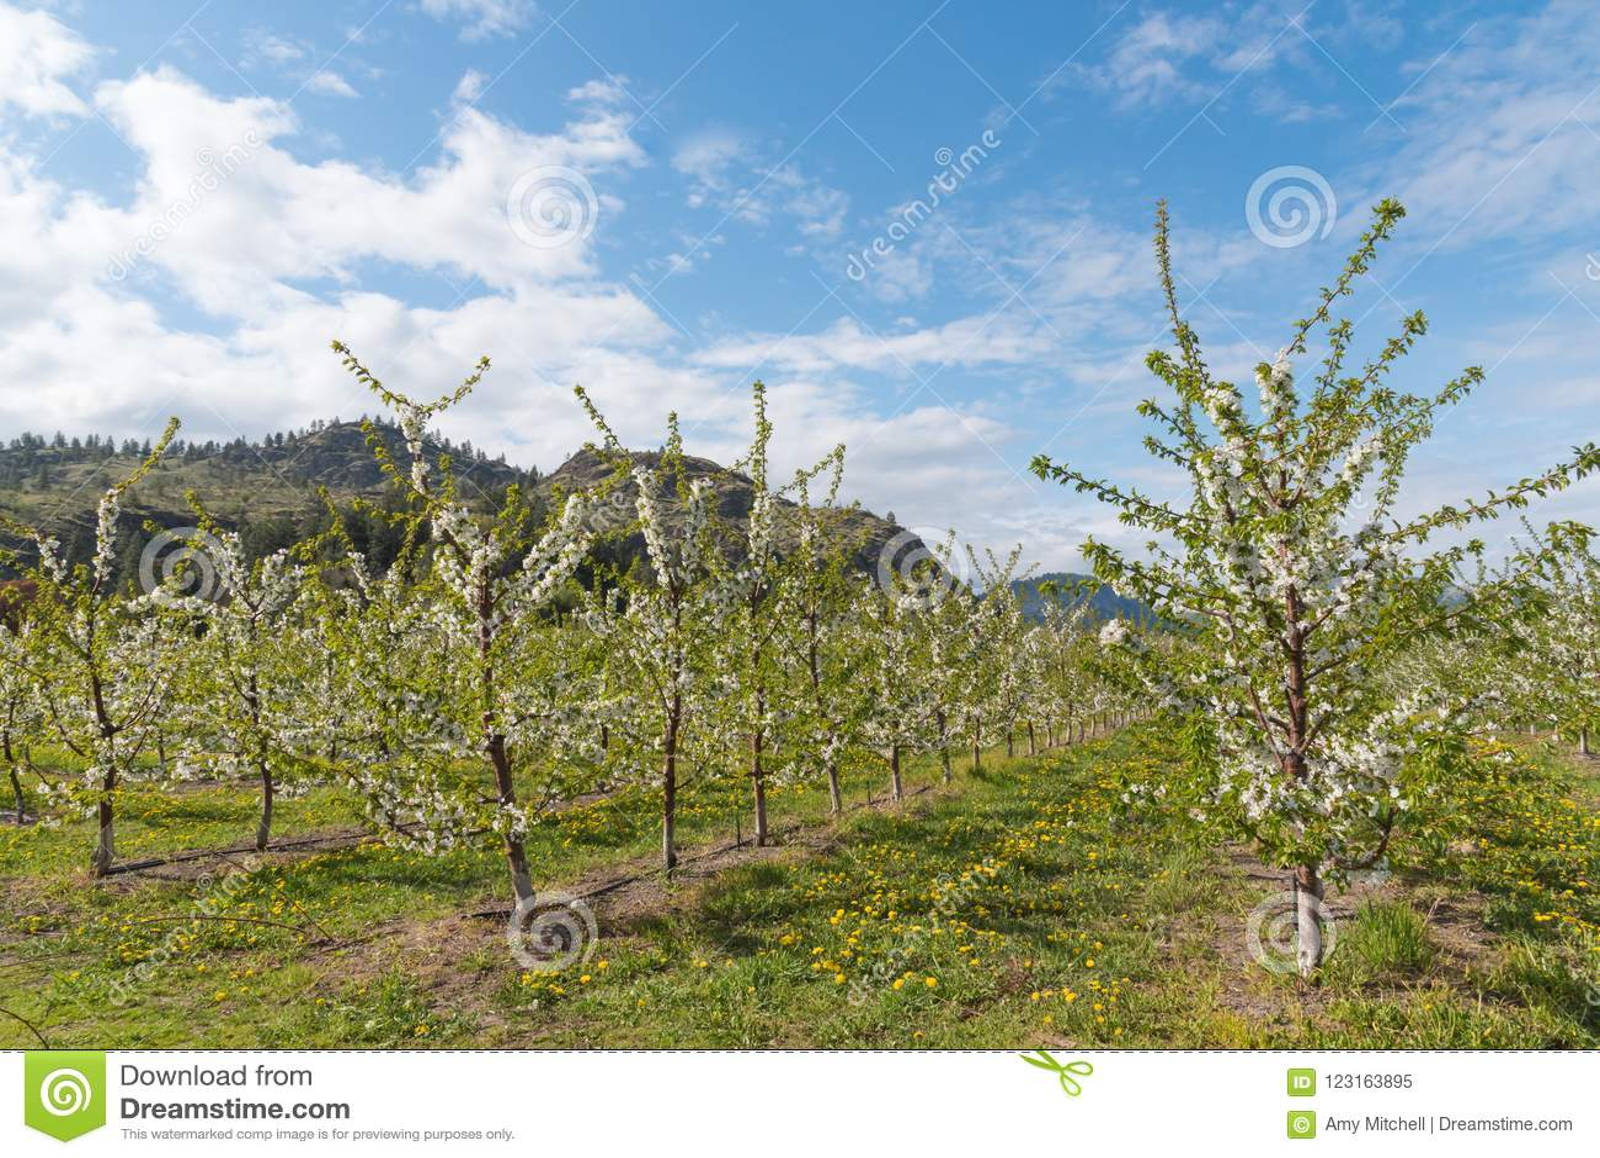 Reihen von blühenden Apfelbäumen im Obstgarten mit Bergen und blauem Himmel im Hintergrund